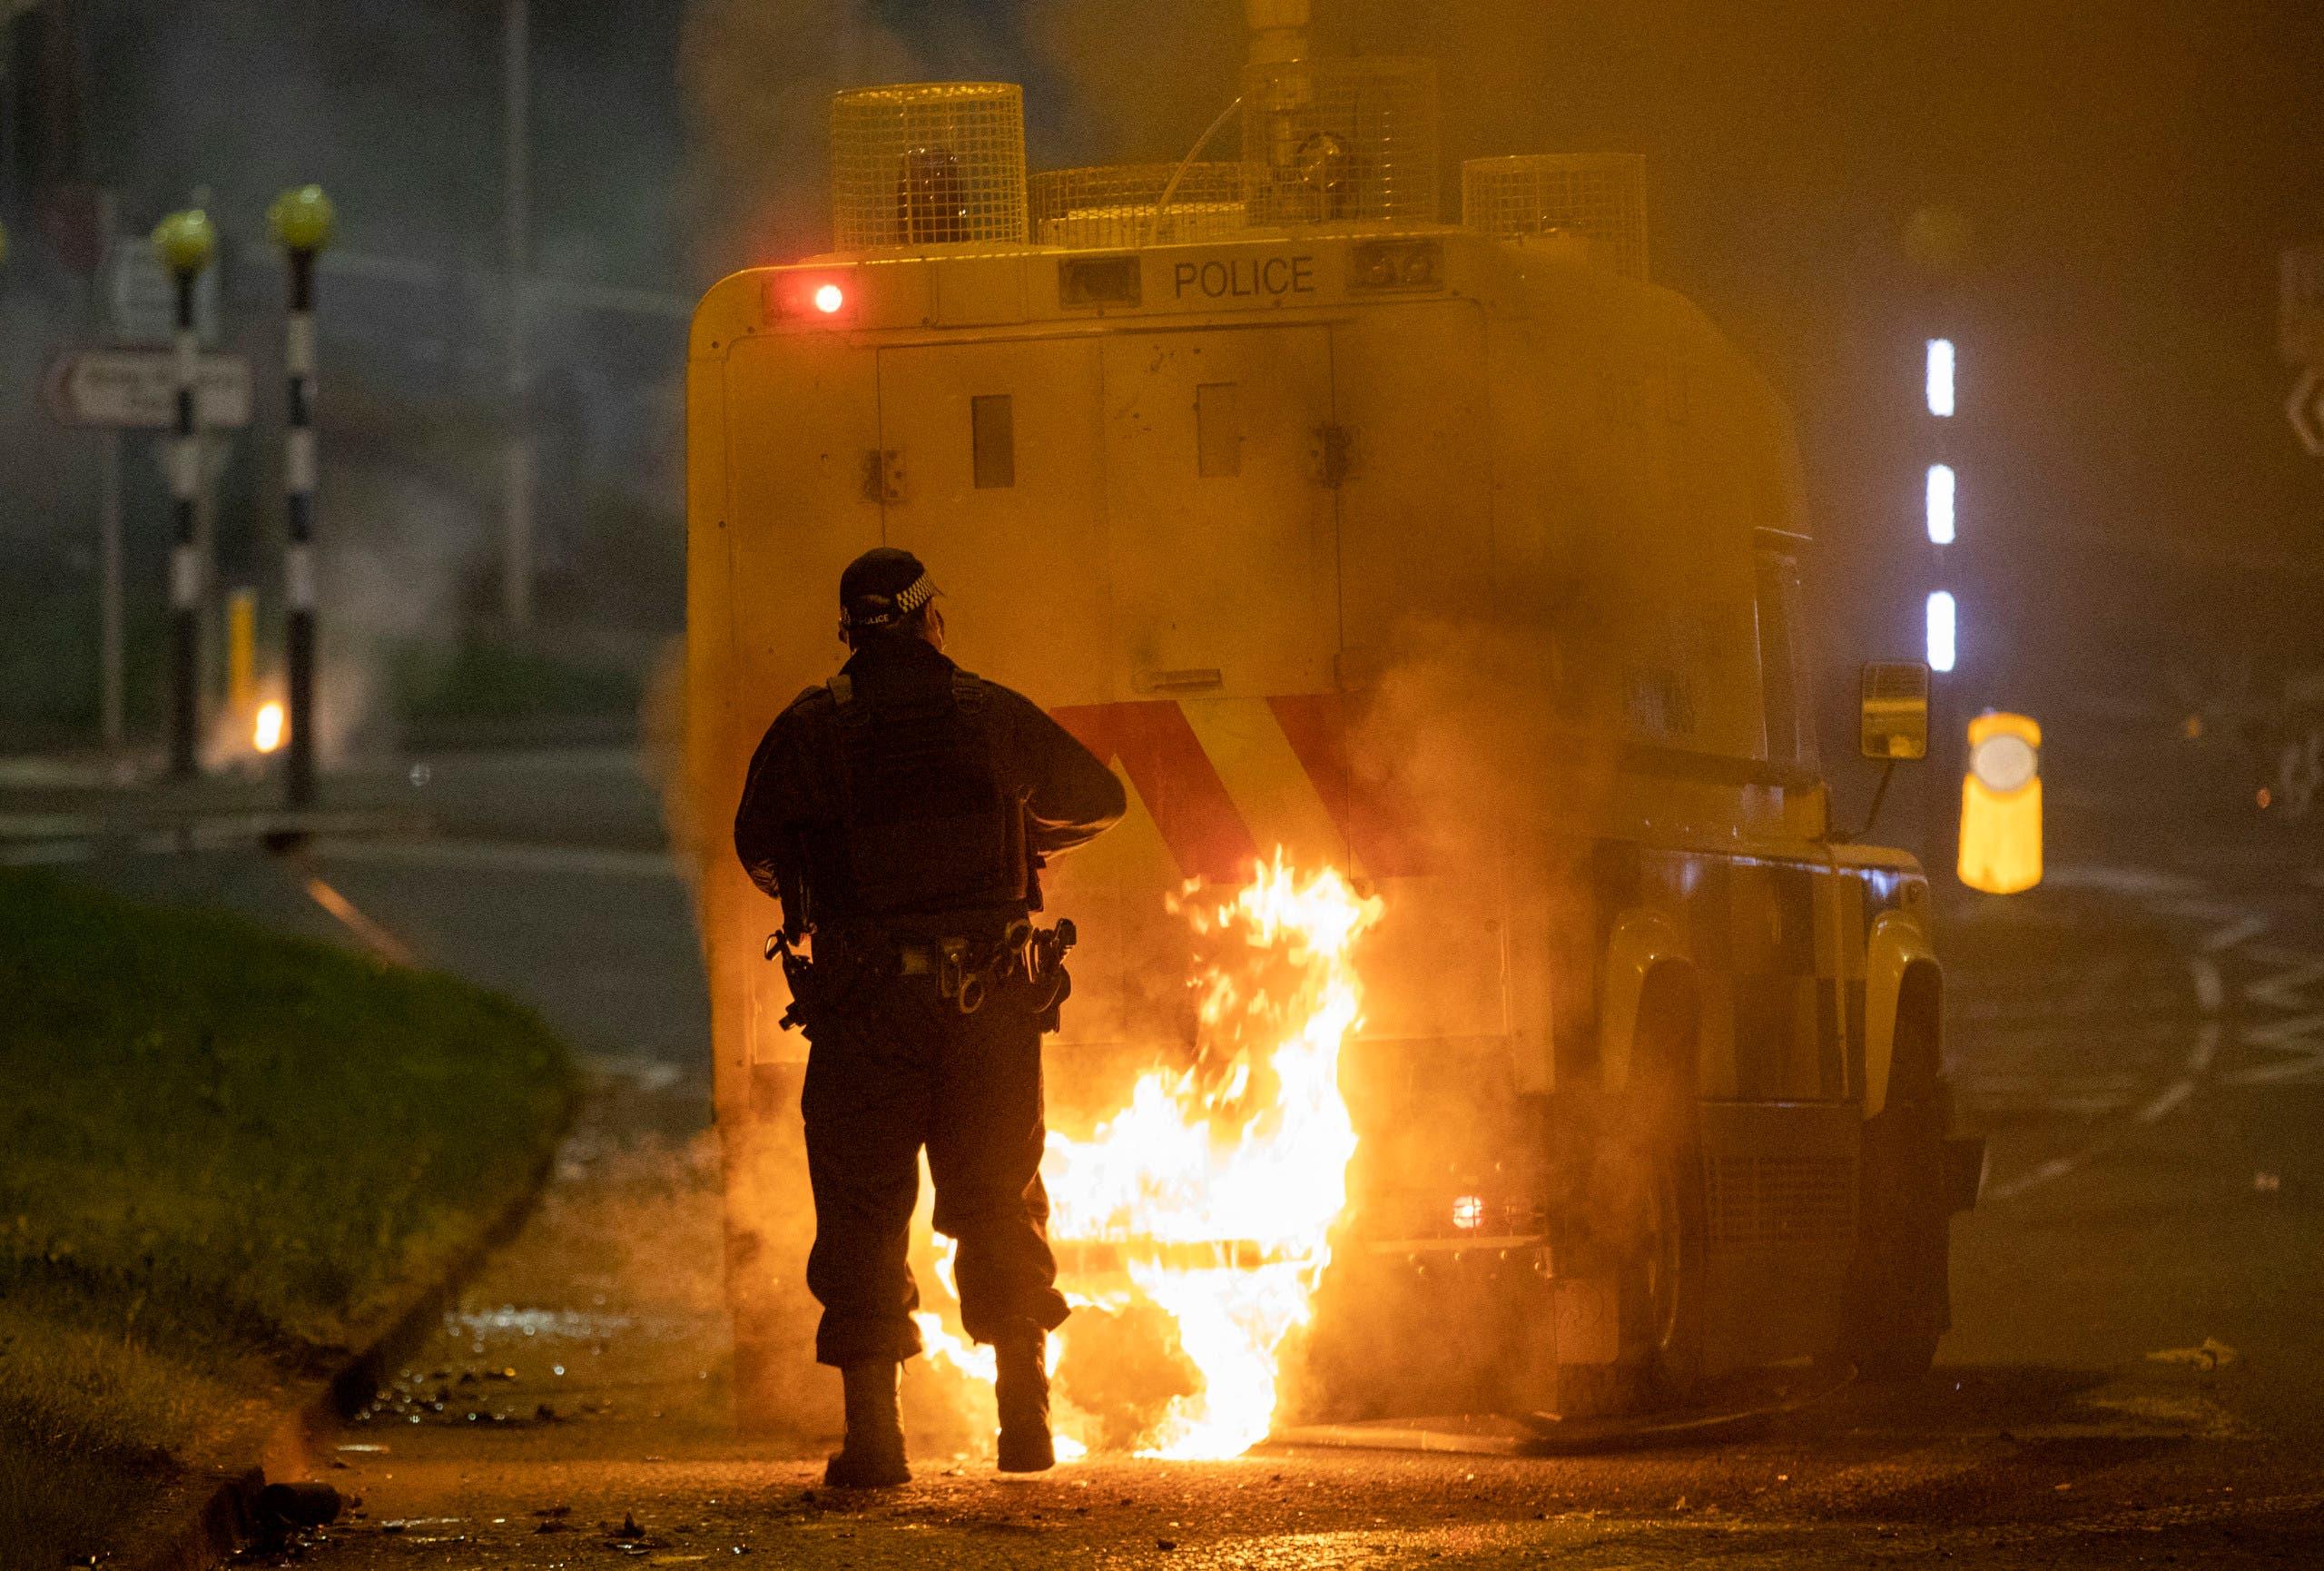 أعمال العنف السبت الماضي في نيوتاونابي في شمال ايرلندا الشمالية